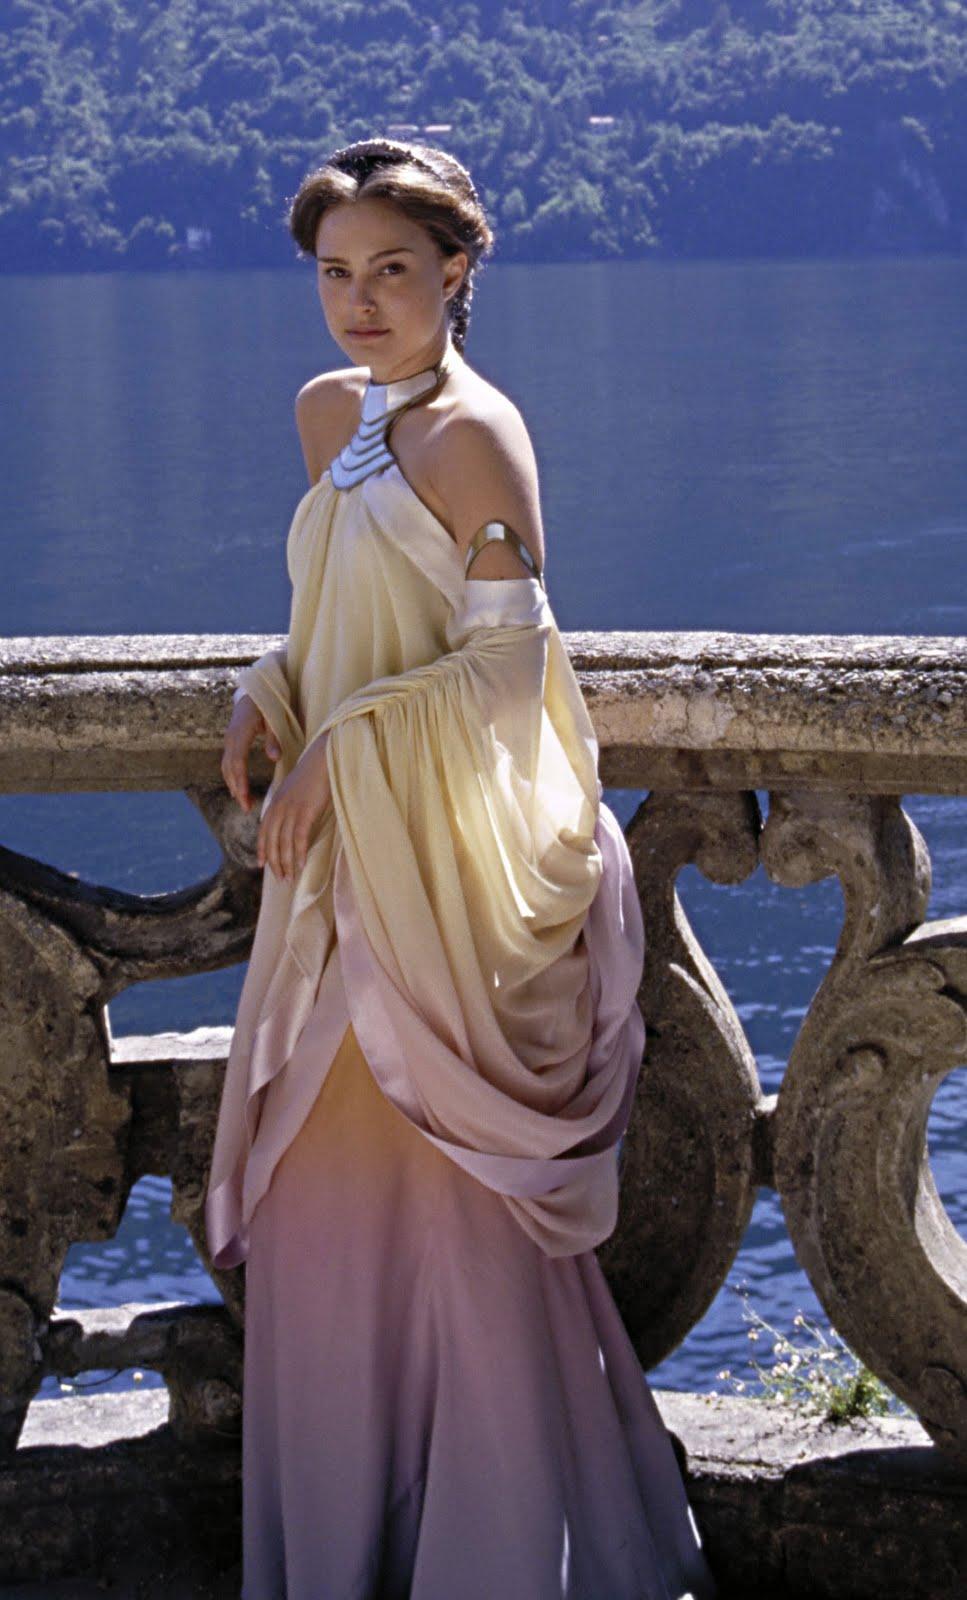 Image Result For Star Wars Inspired Wedding Dresses